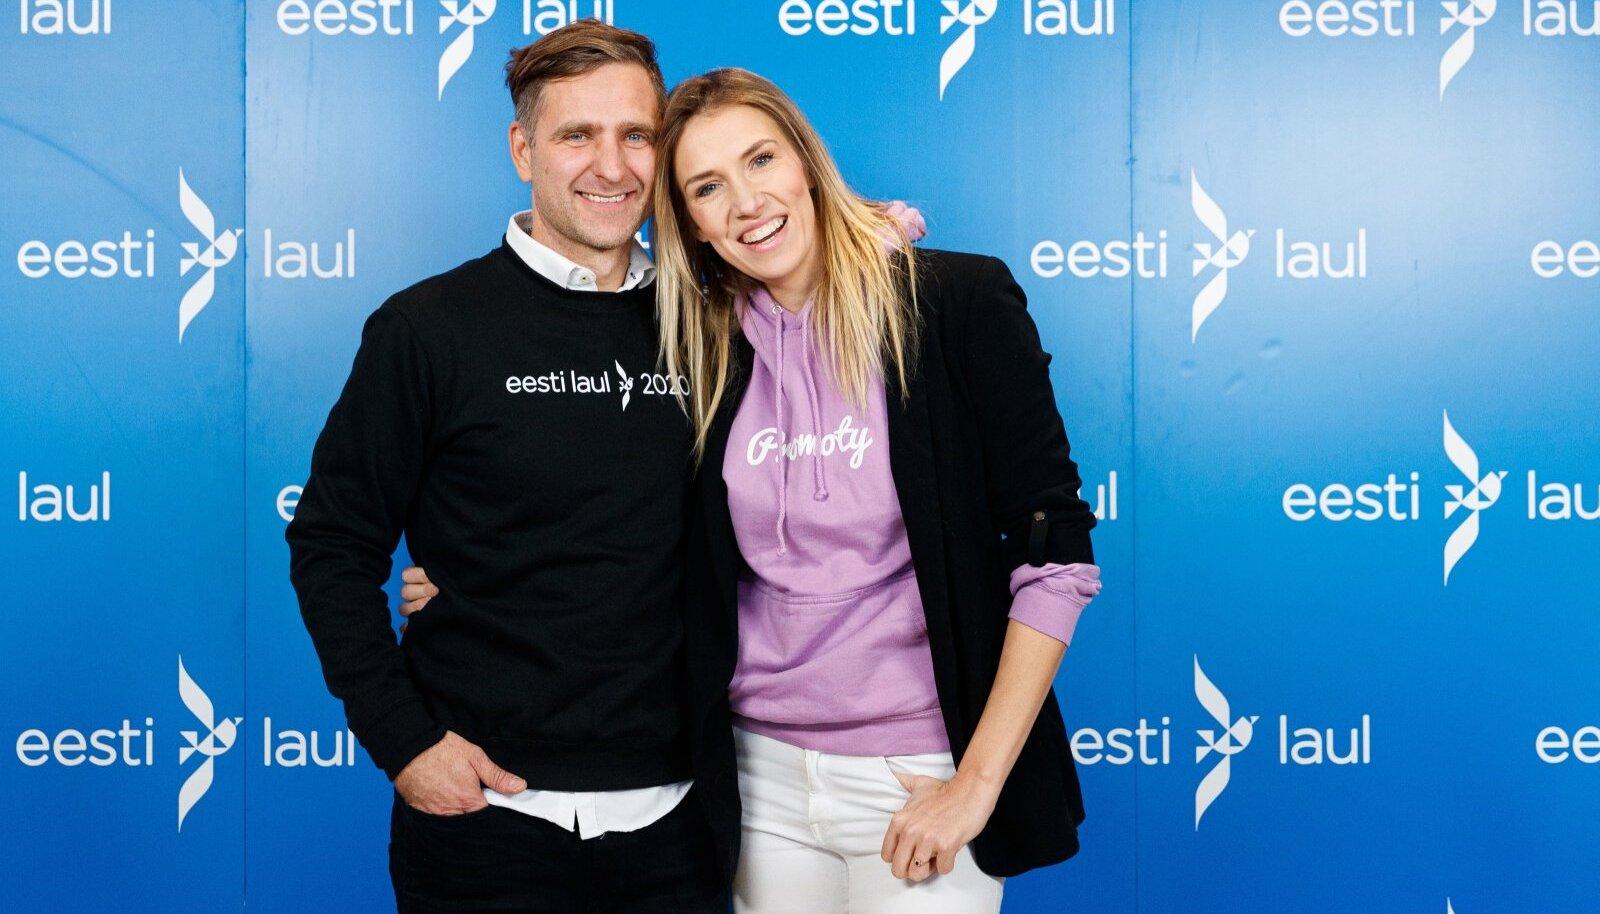 Eesti Laul 2020 pressikas